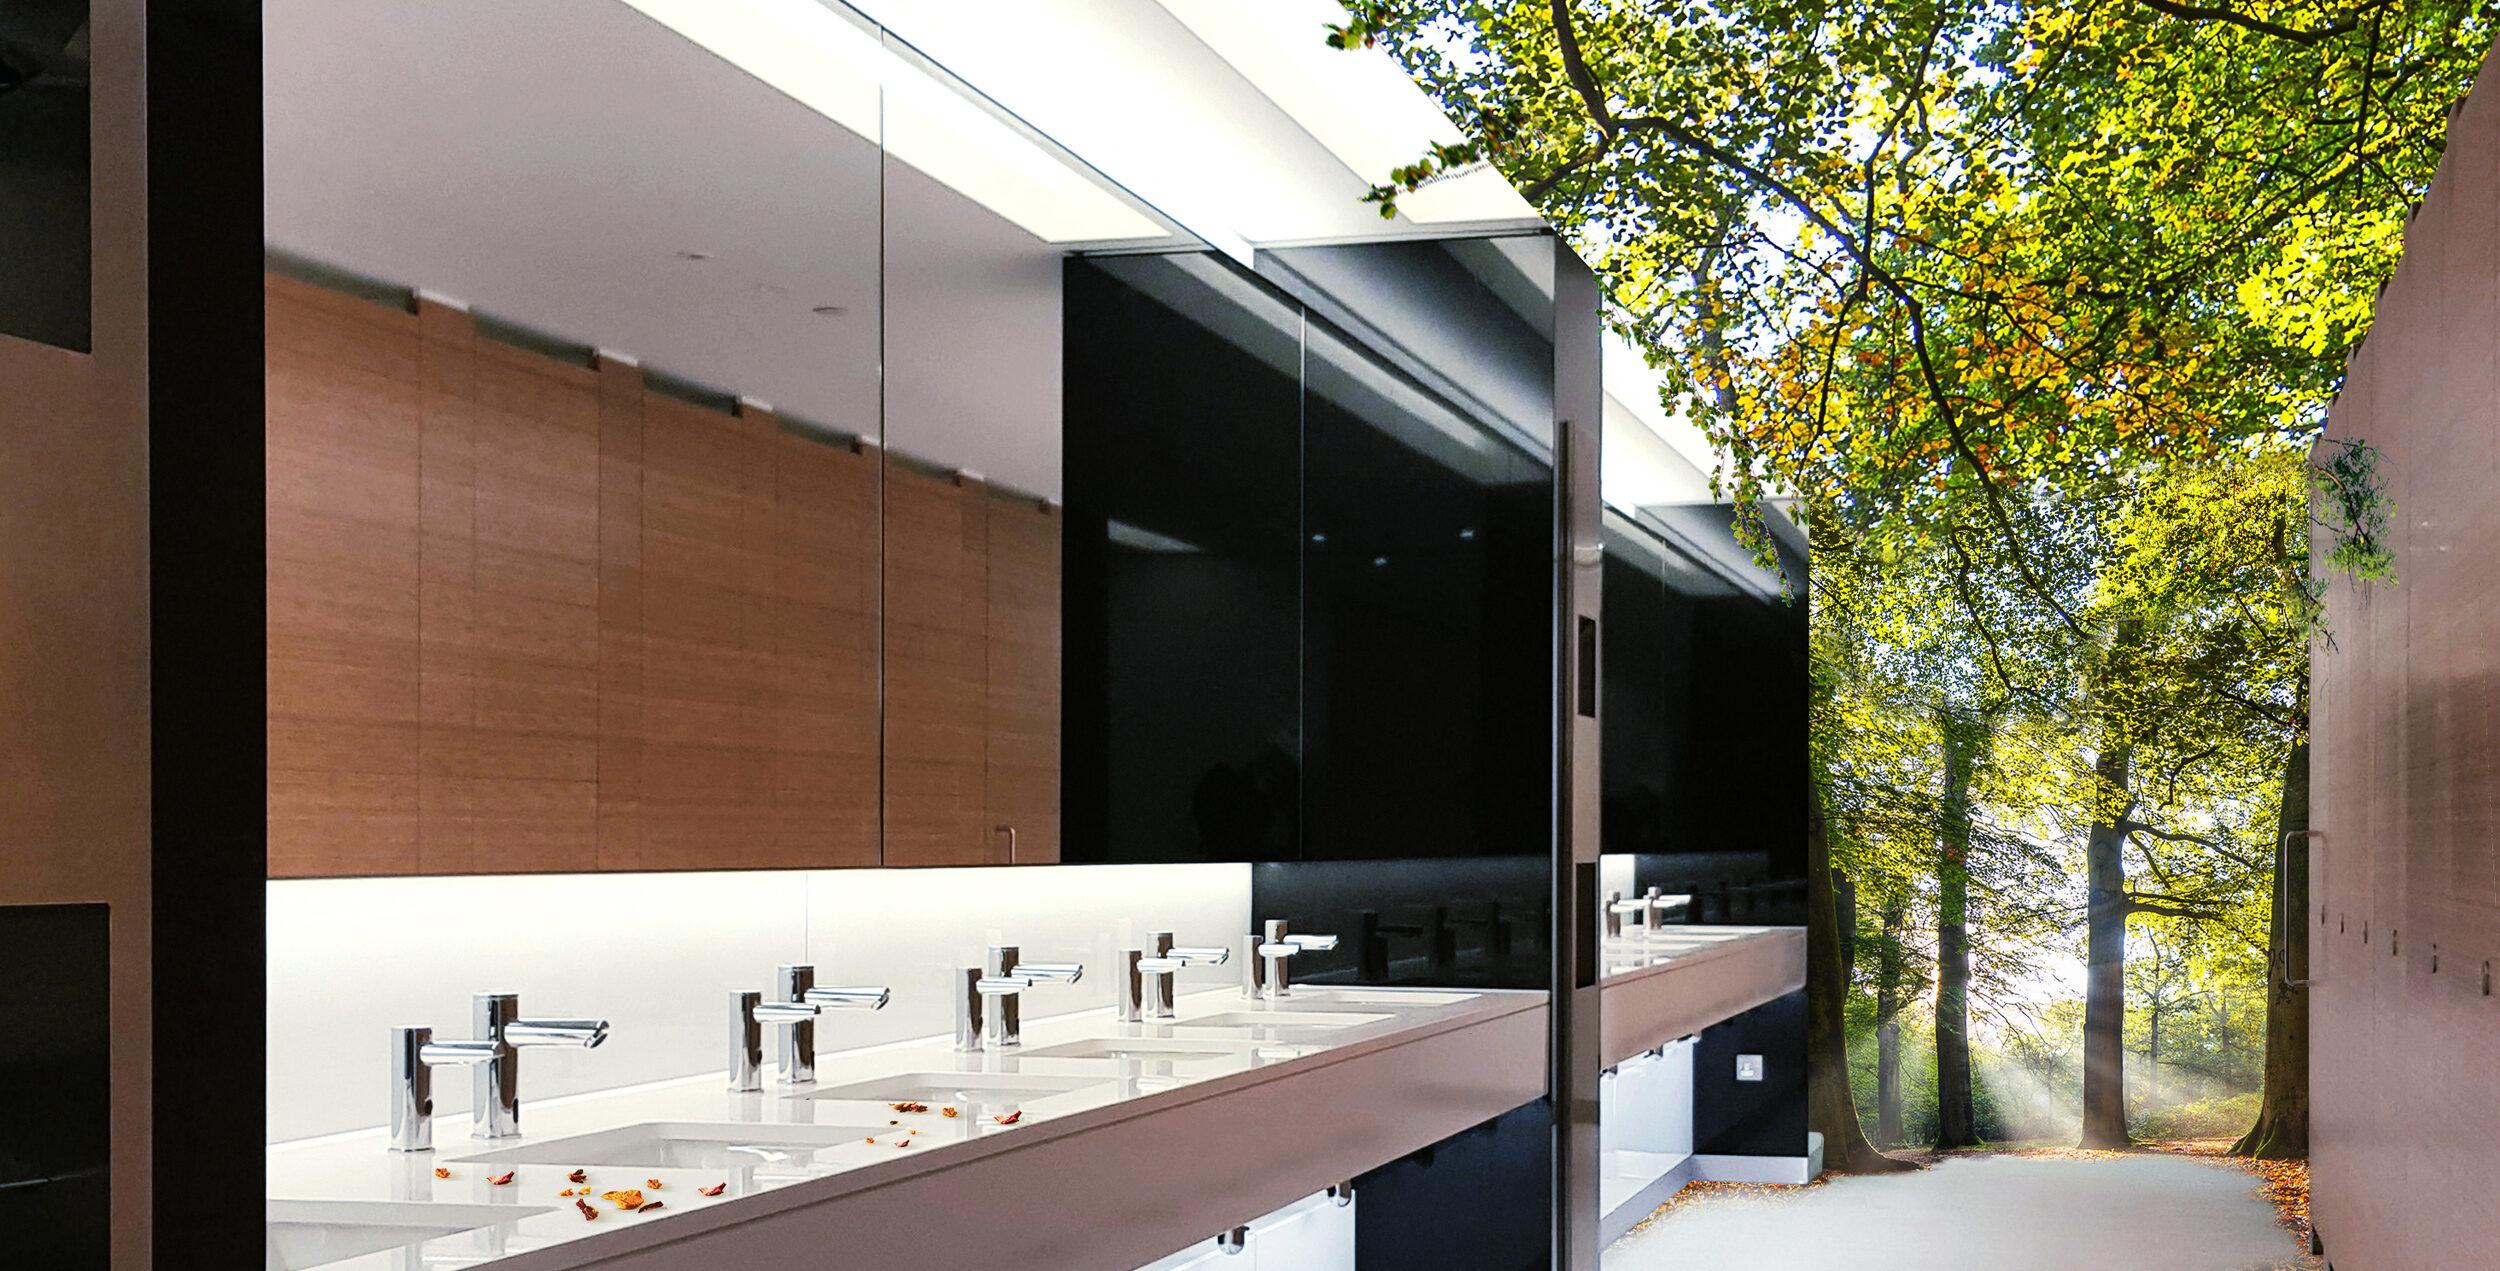 The Sustainable Washroom